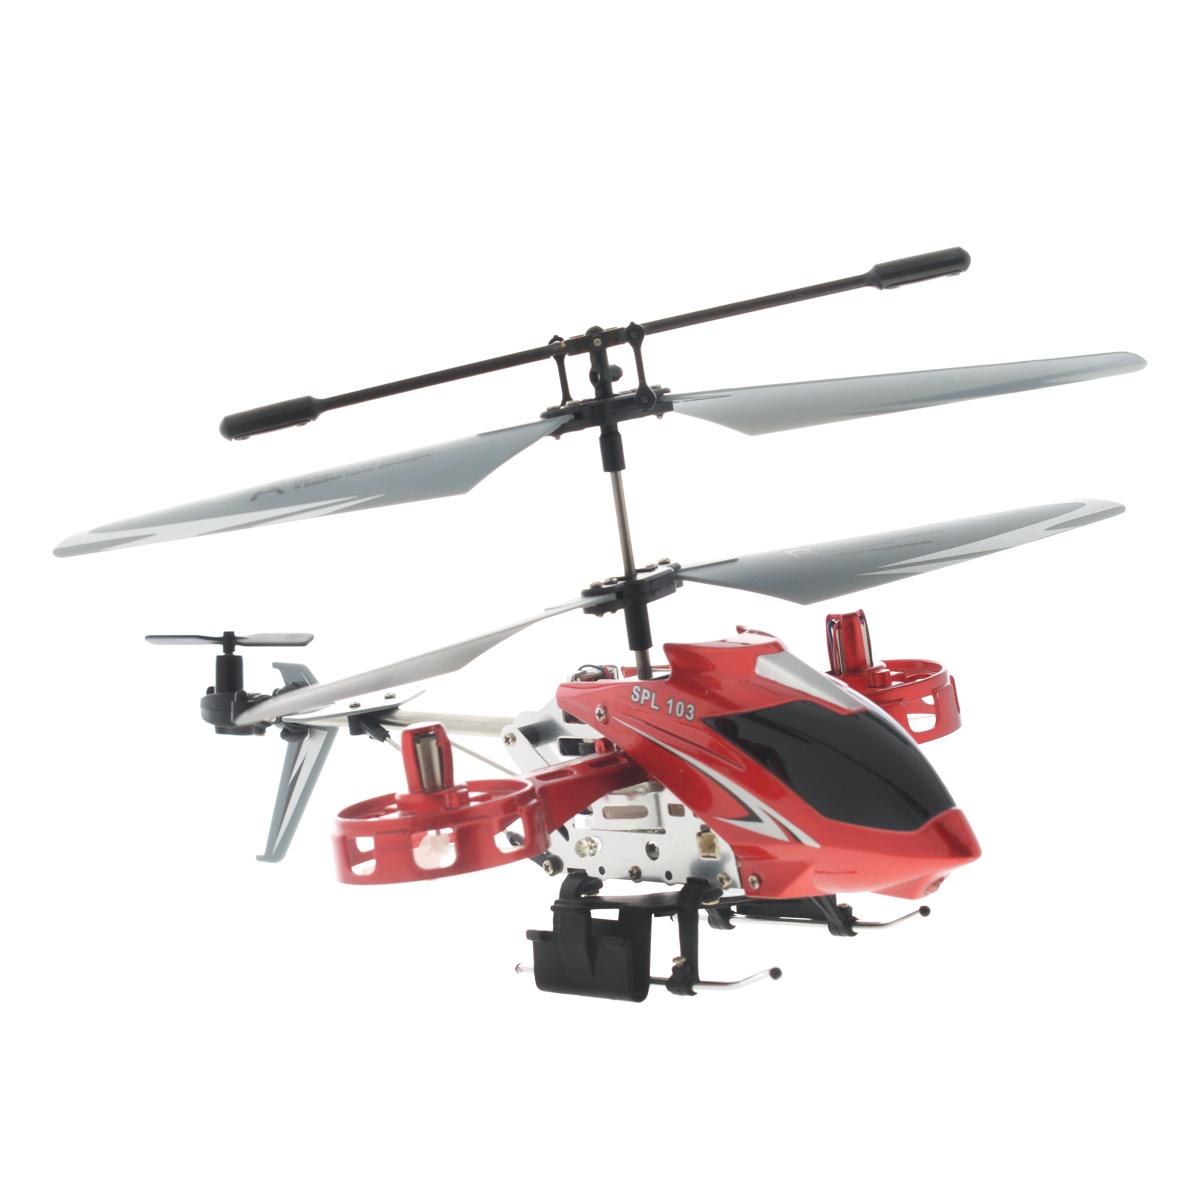 SPL-Technik Вертолет на радиоуправлении SPL 103 IG104